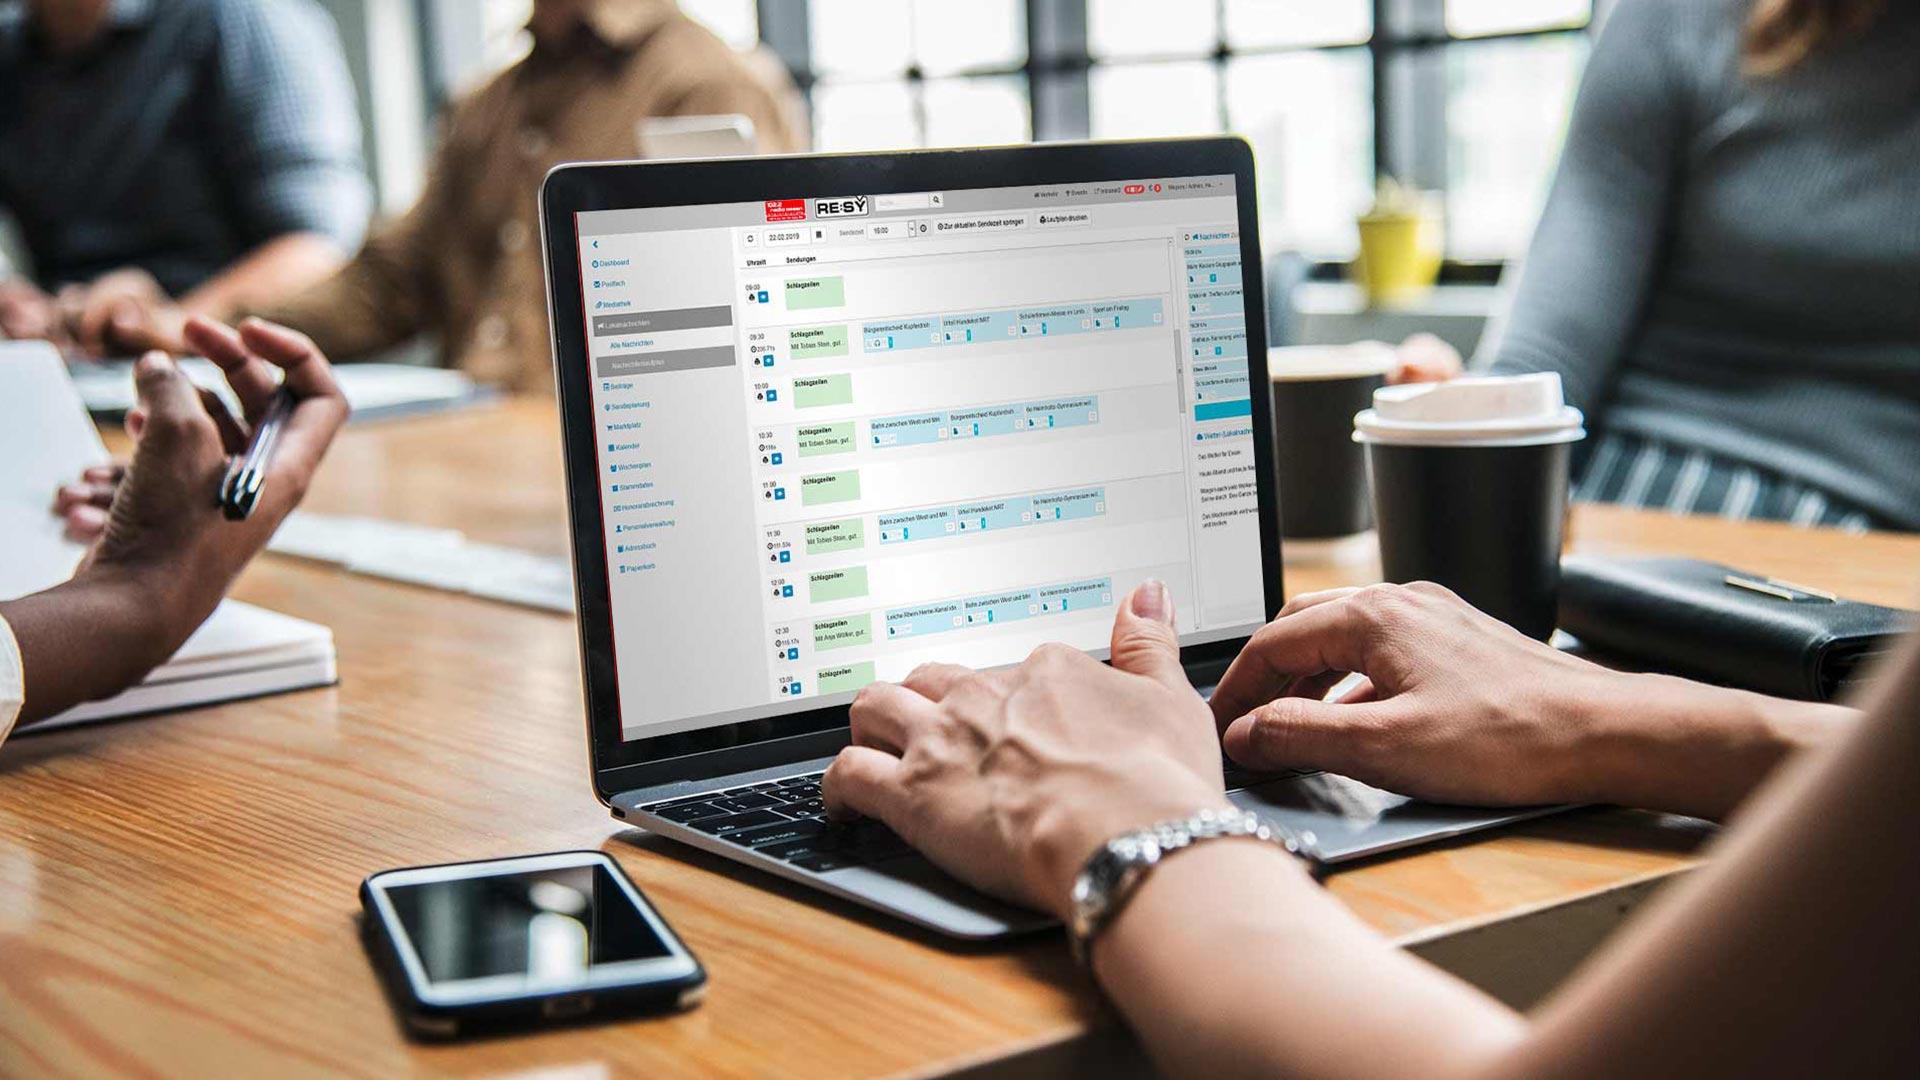 Foto einer Senderredaktion, auf welchem eine Redakteurin mit einem Laptop arbeitet und das Redaktionssystem ReSy geöffnet hat.